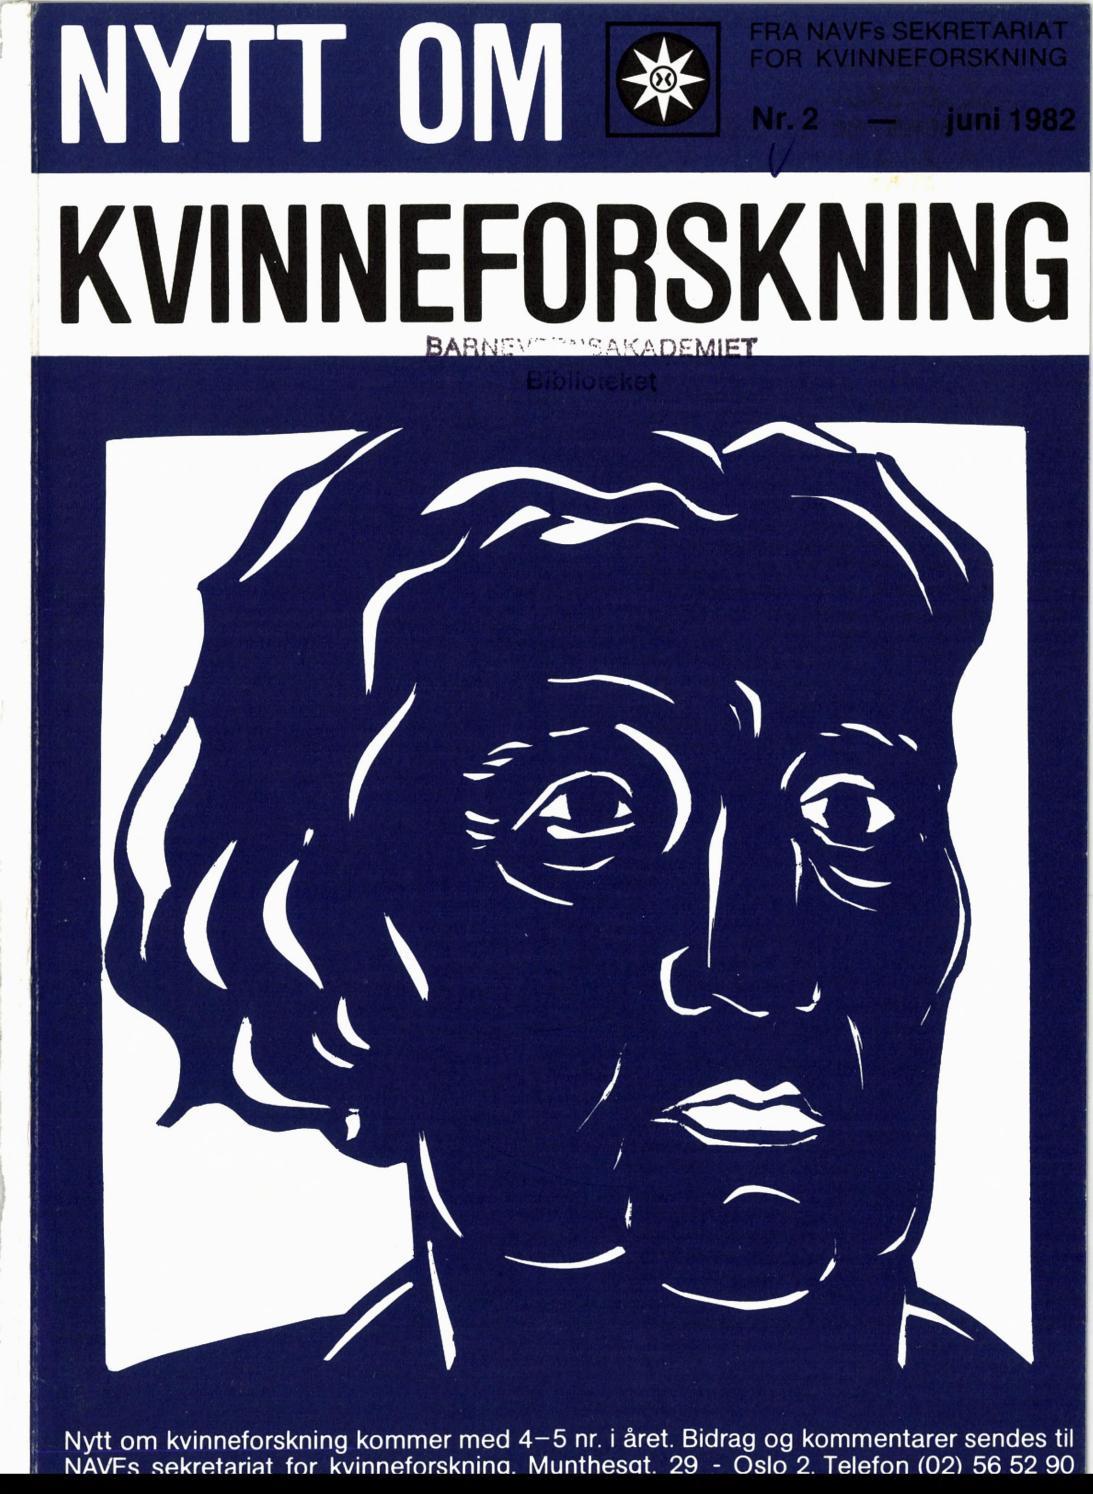 All journalistikk er basert på fine vennskaps dikt og hungersnøden i norge.